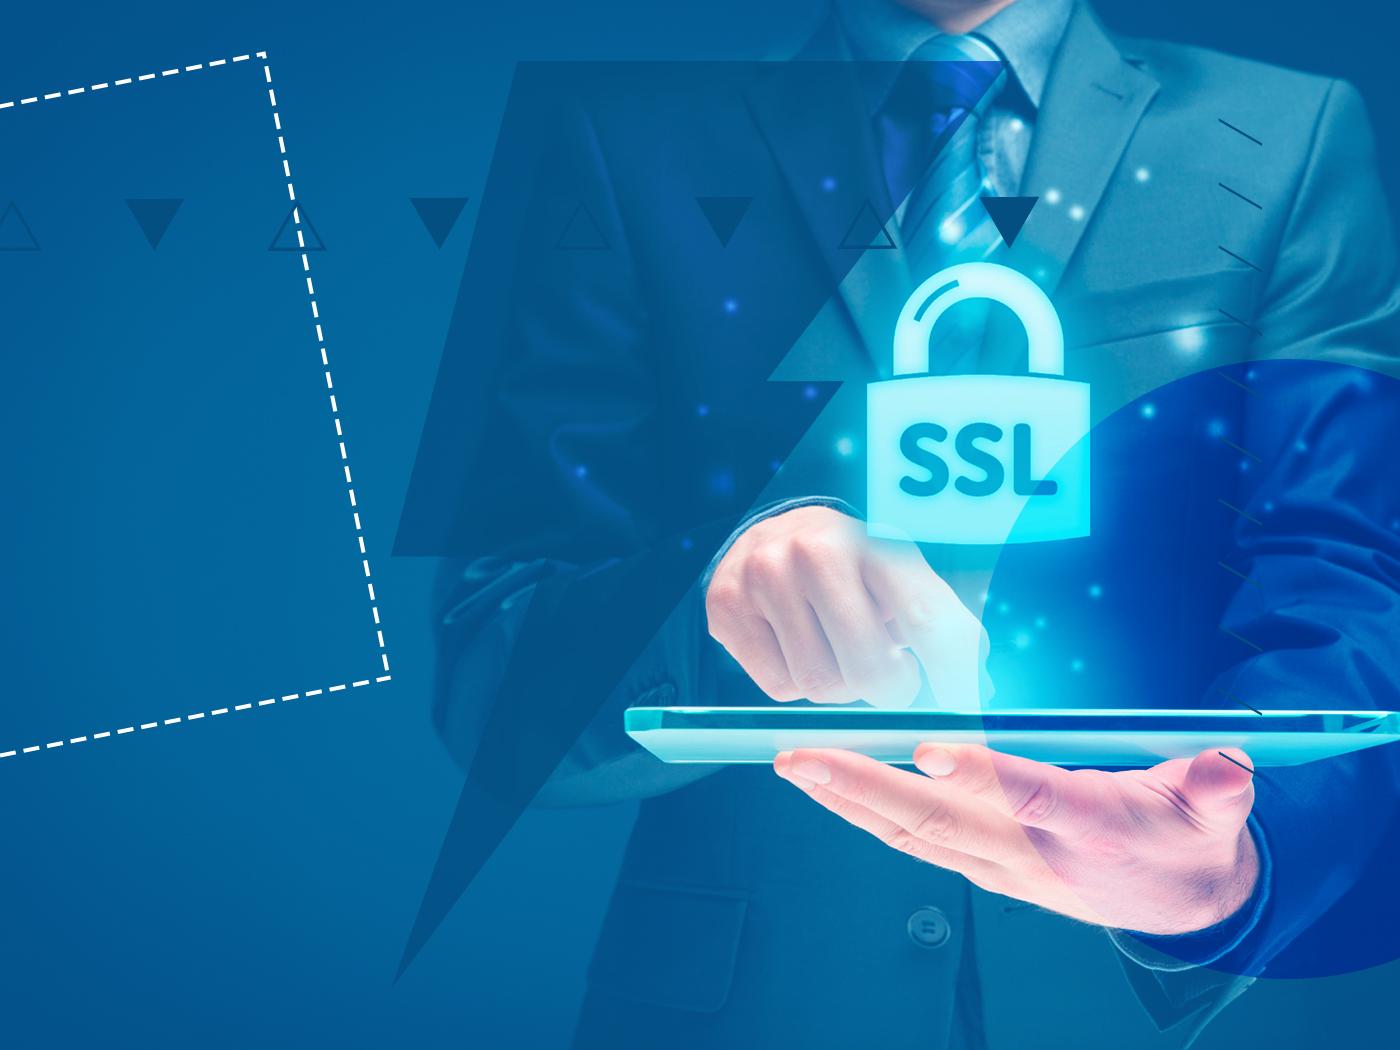 Fique a saber qual a importância do certificado SSL no seu website